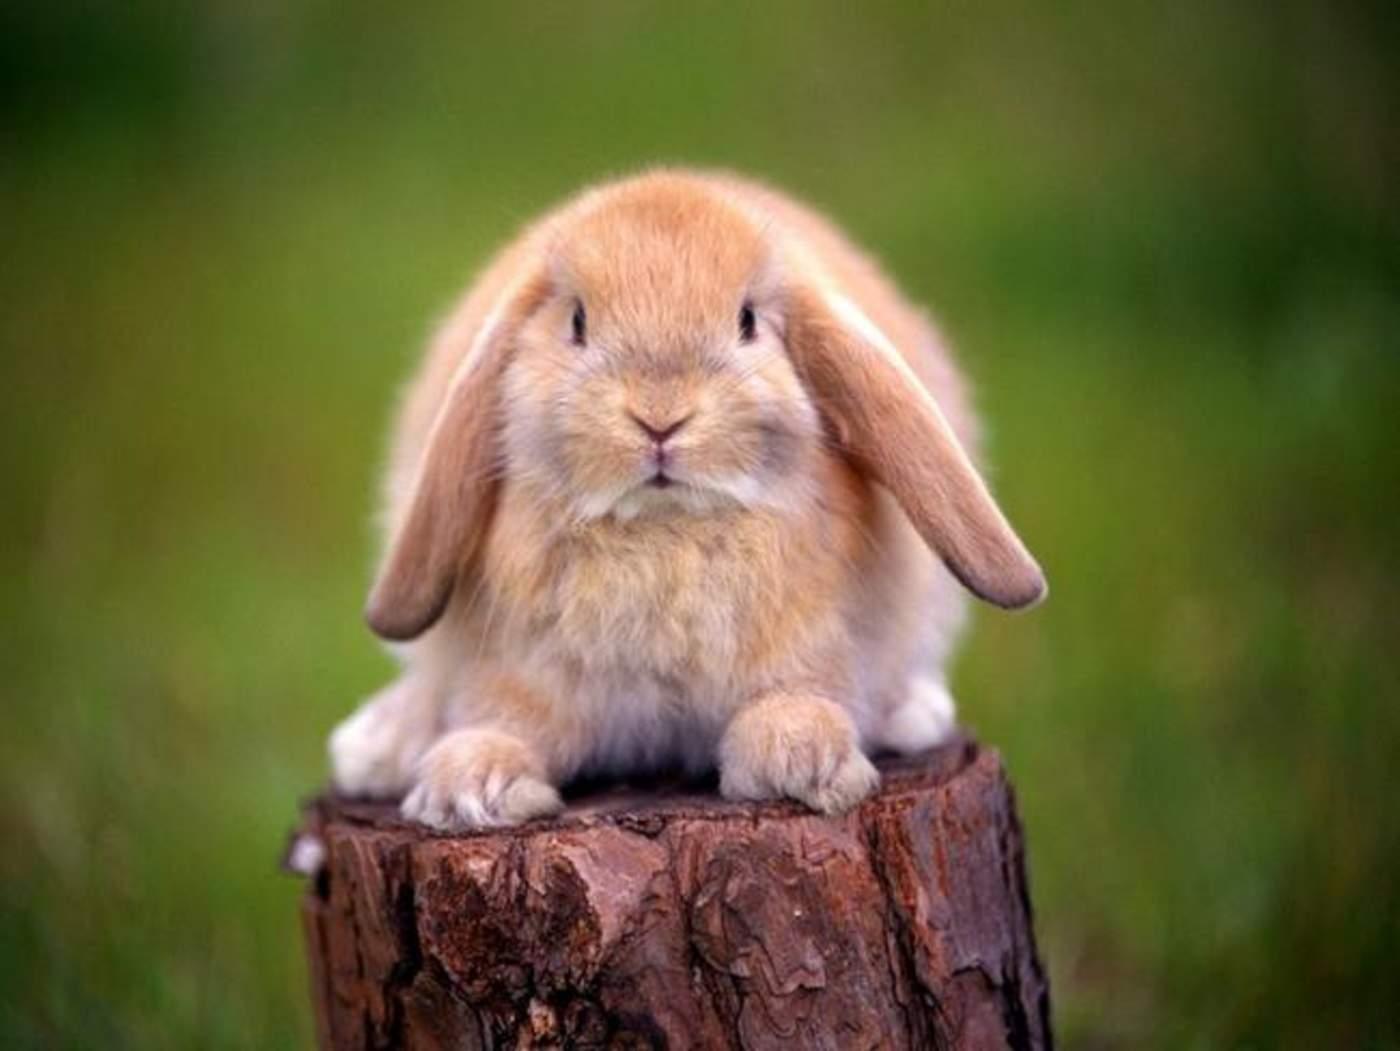 Una de las razones por las que un conejo no debería consumir plátano son los elevados niveles de almidón que contiene este fruto. (ESPECIAL)